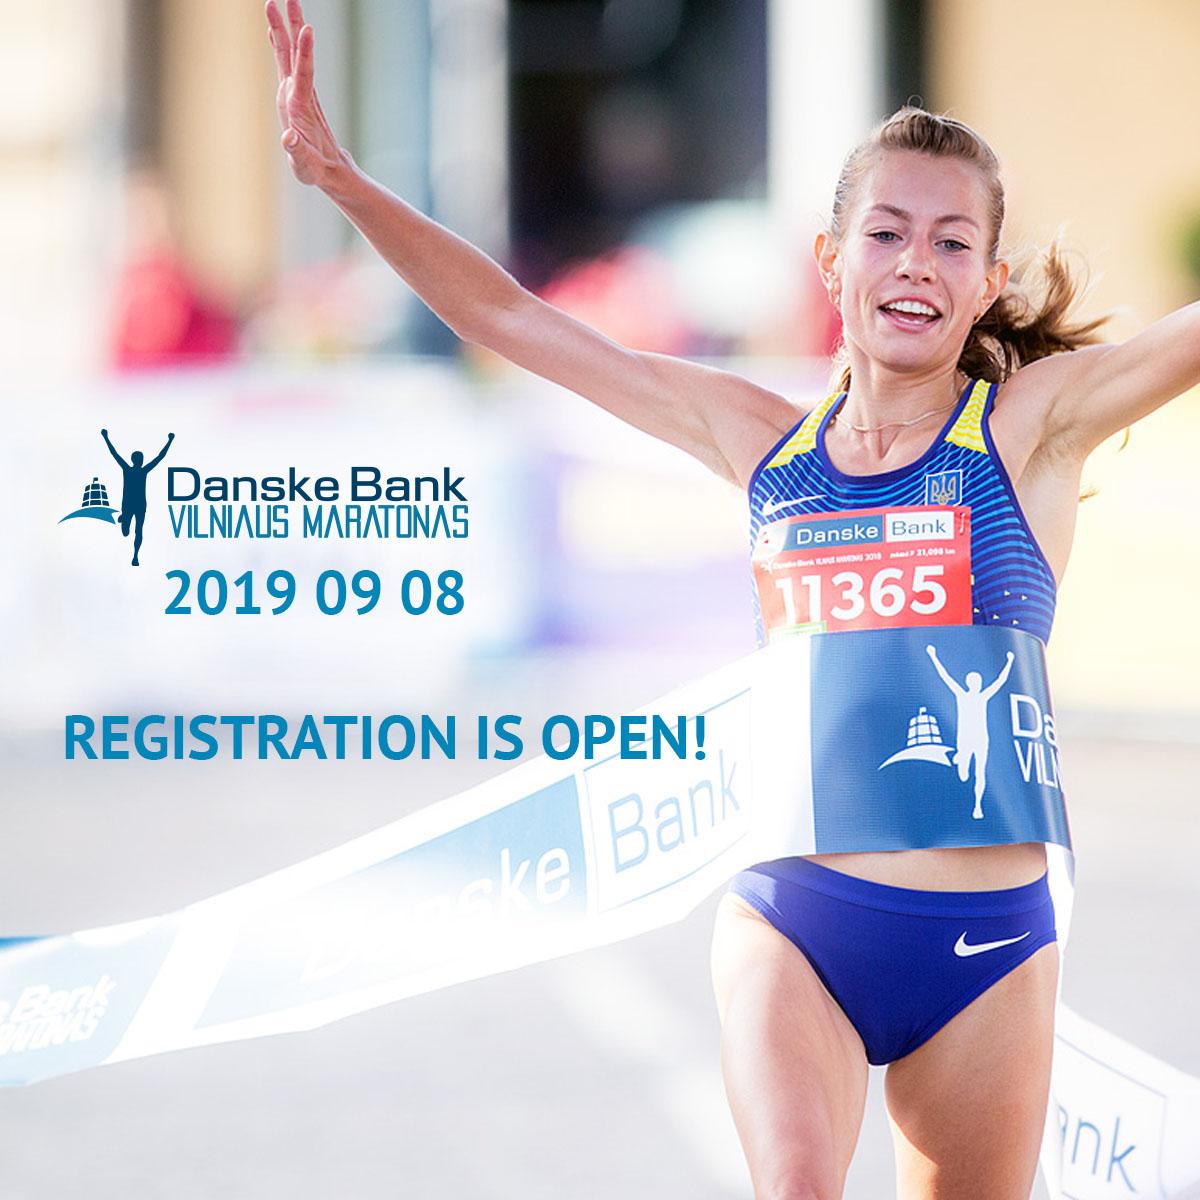 Danske Bank Vilniaus maratonas